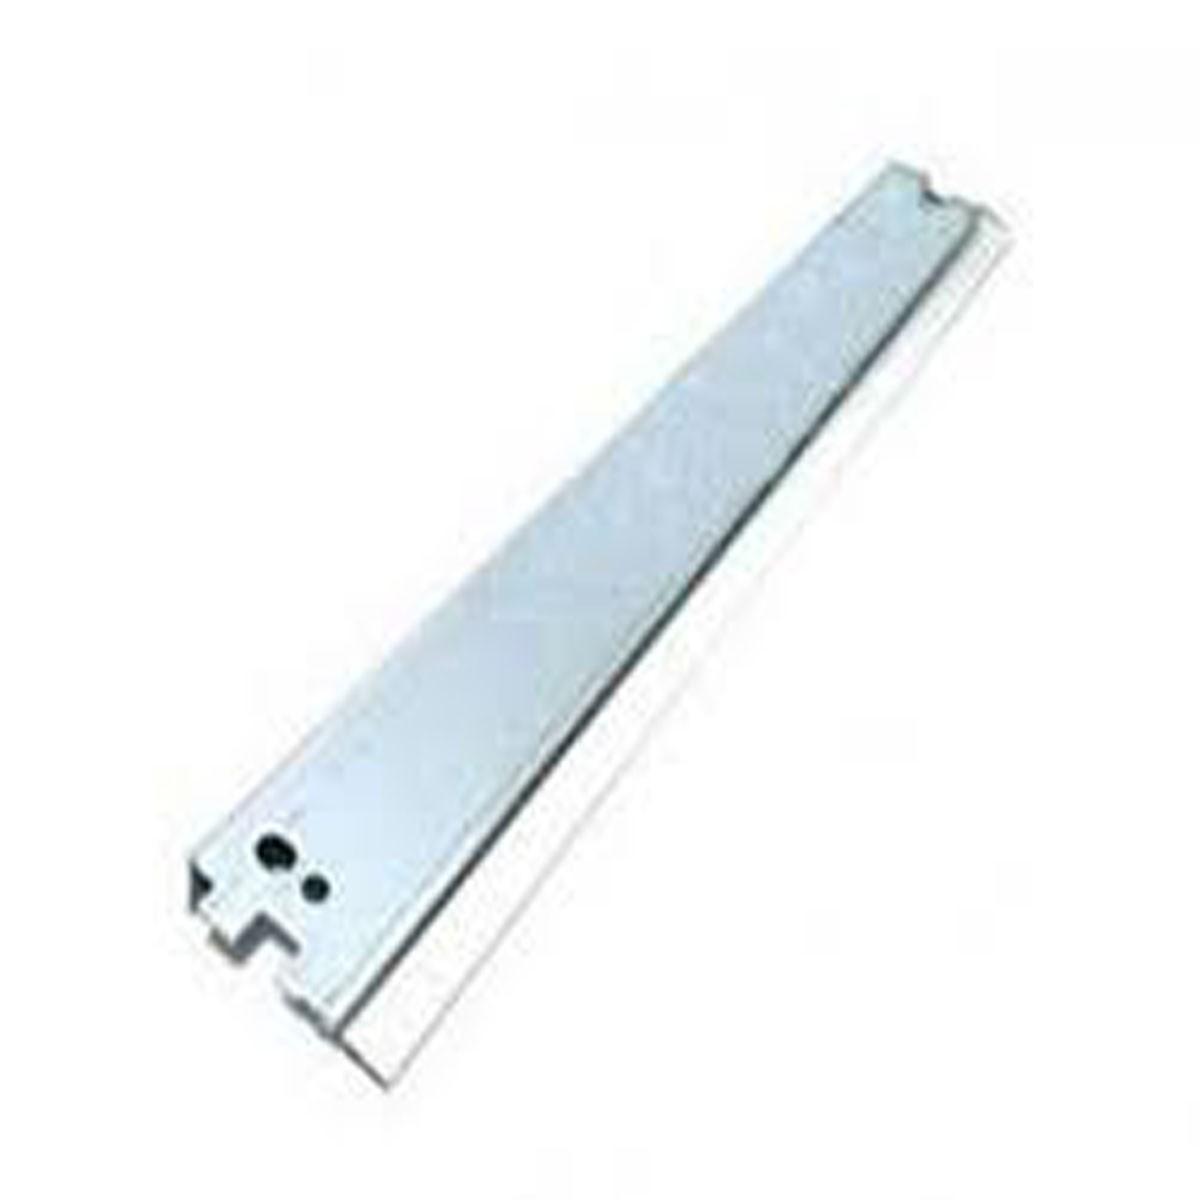 Lamina Limpeza Wiper Blade Sharp AL-1000